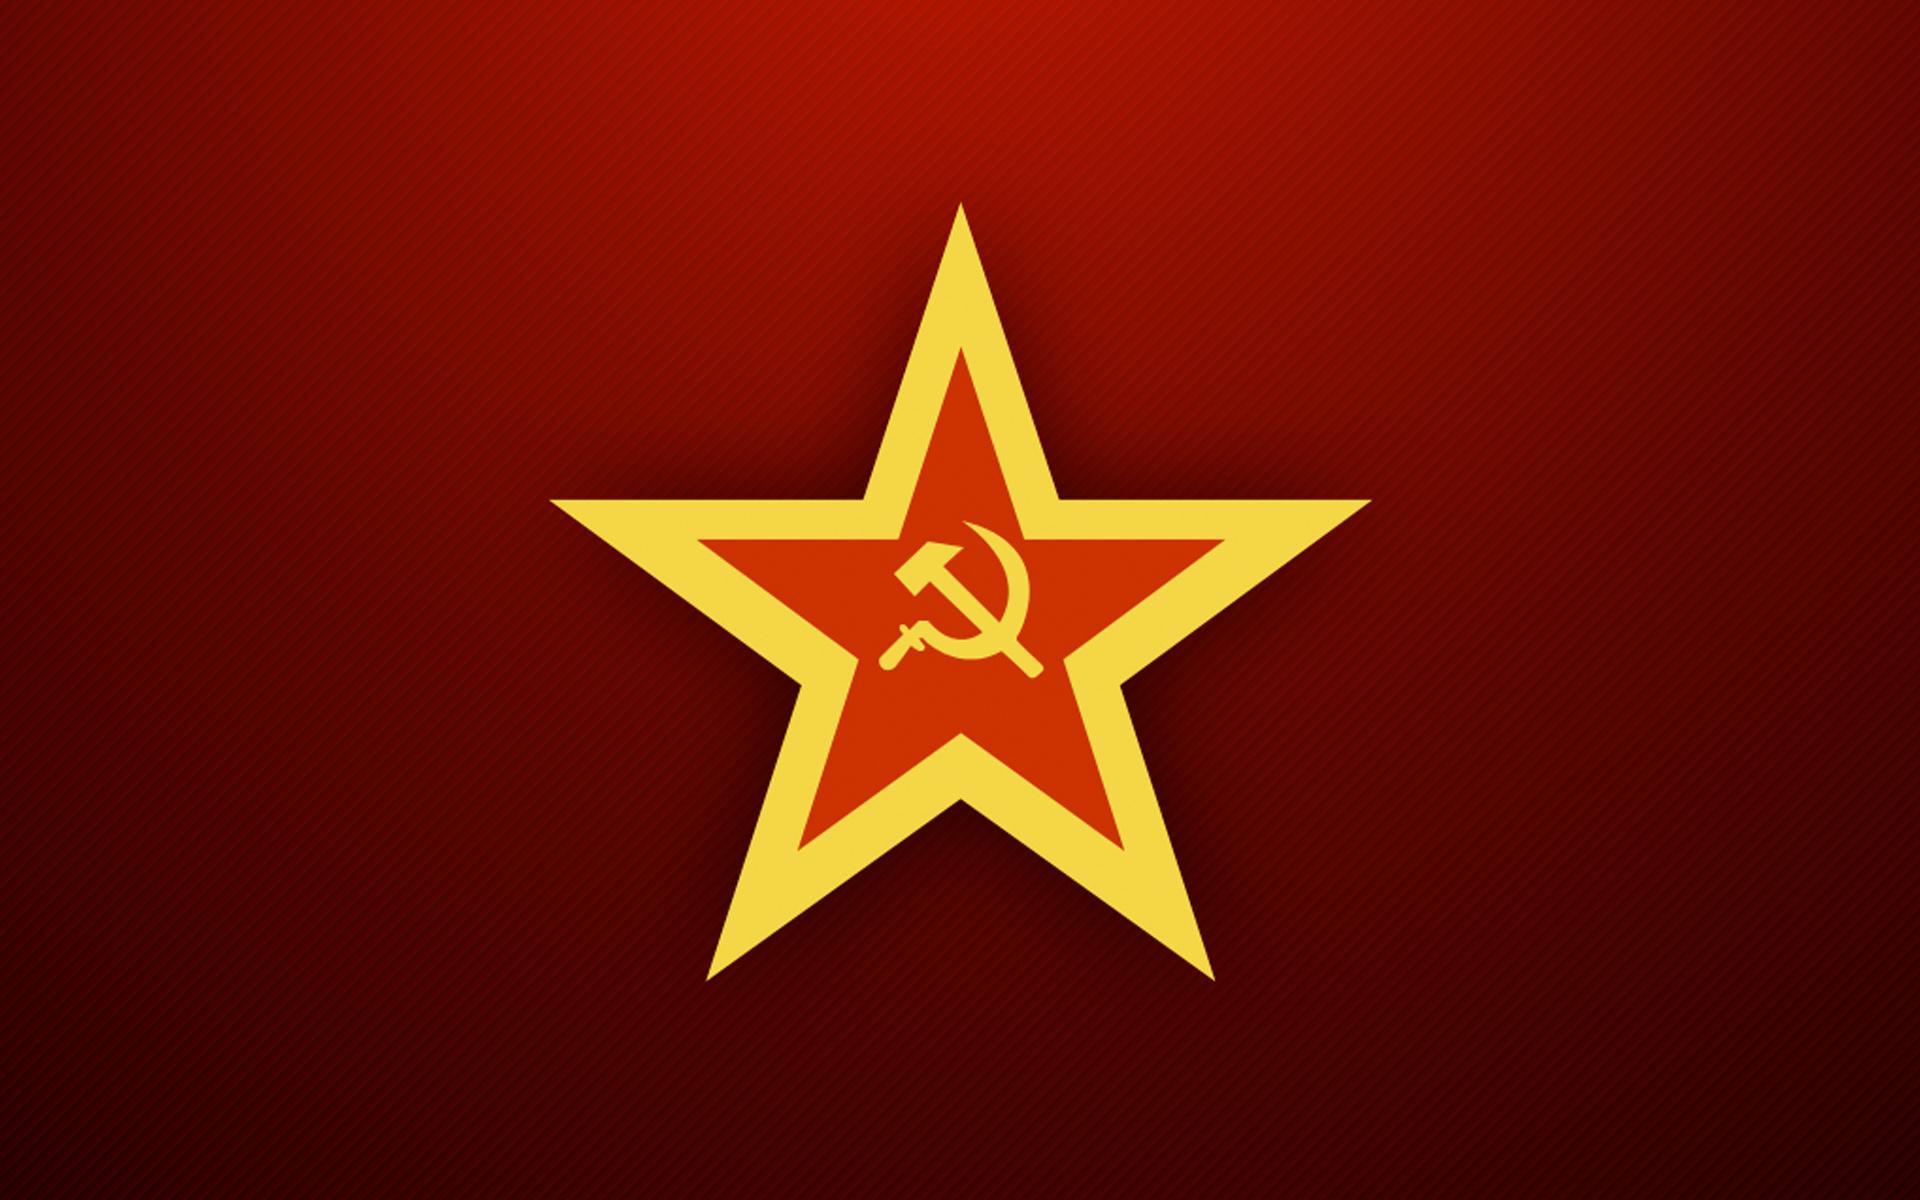 мерные, красная звезда крутые картинки одному